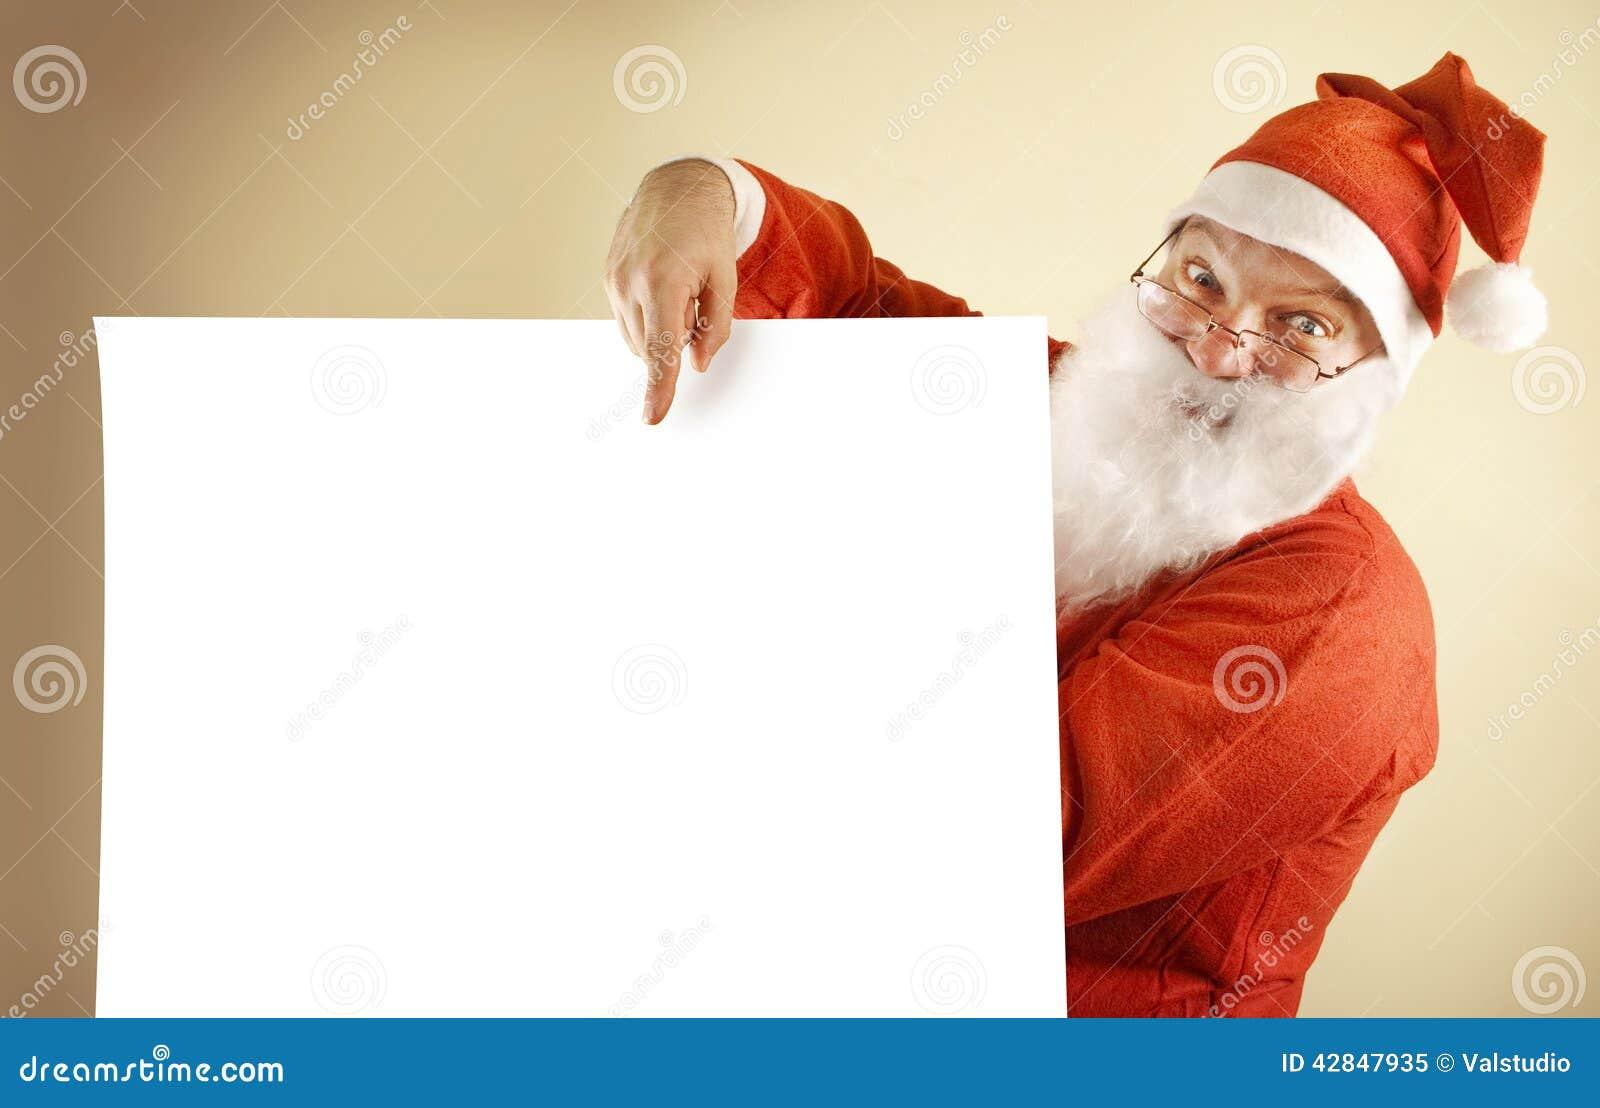 克劳斯列表圣诞老人